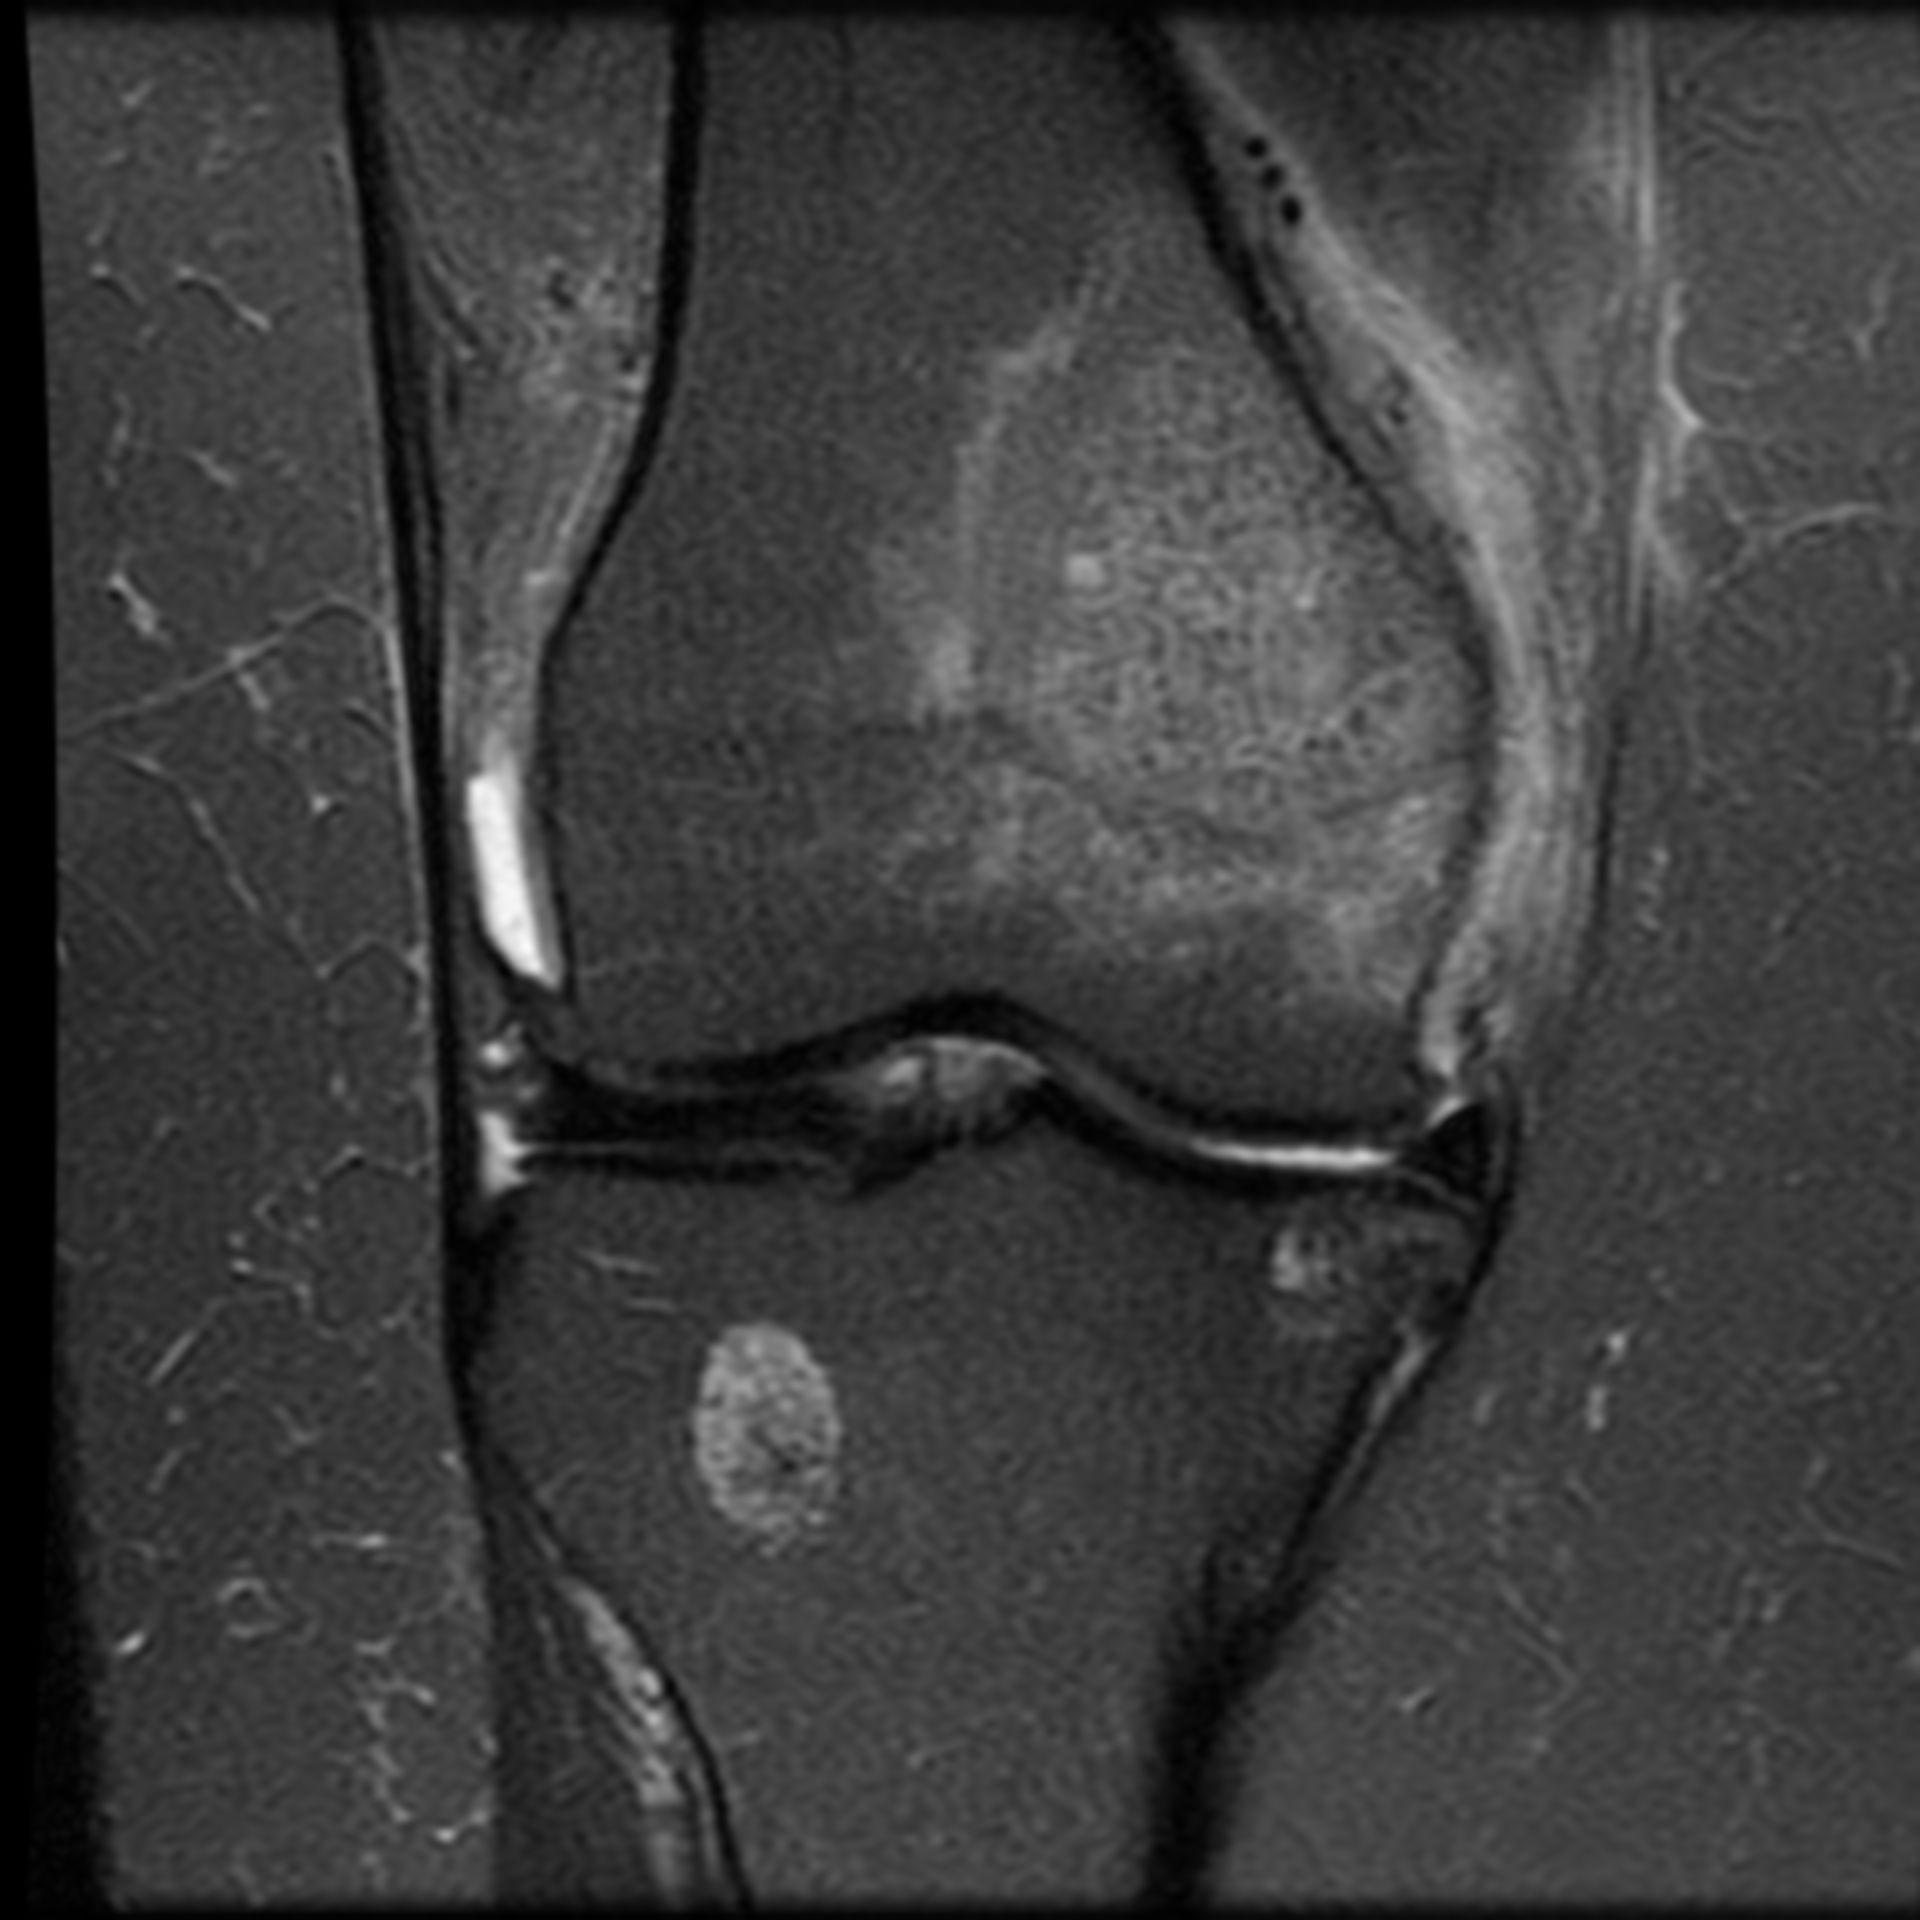 Metastasi femorale di tumore della mammella (RM)